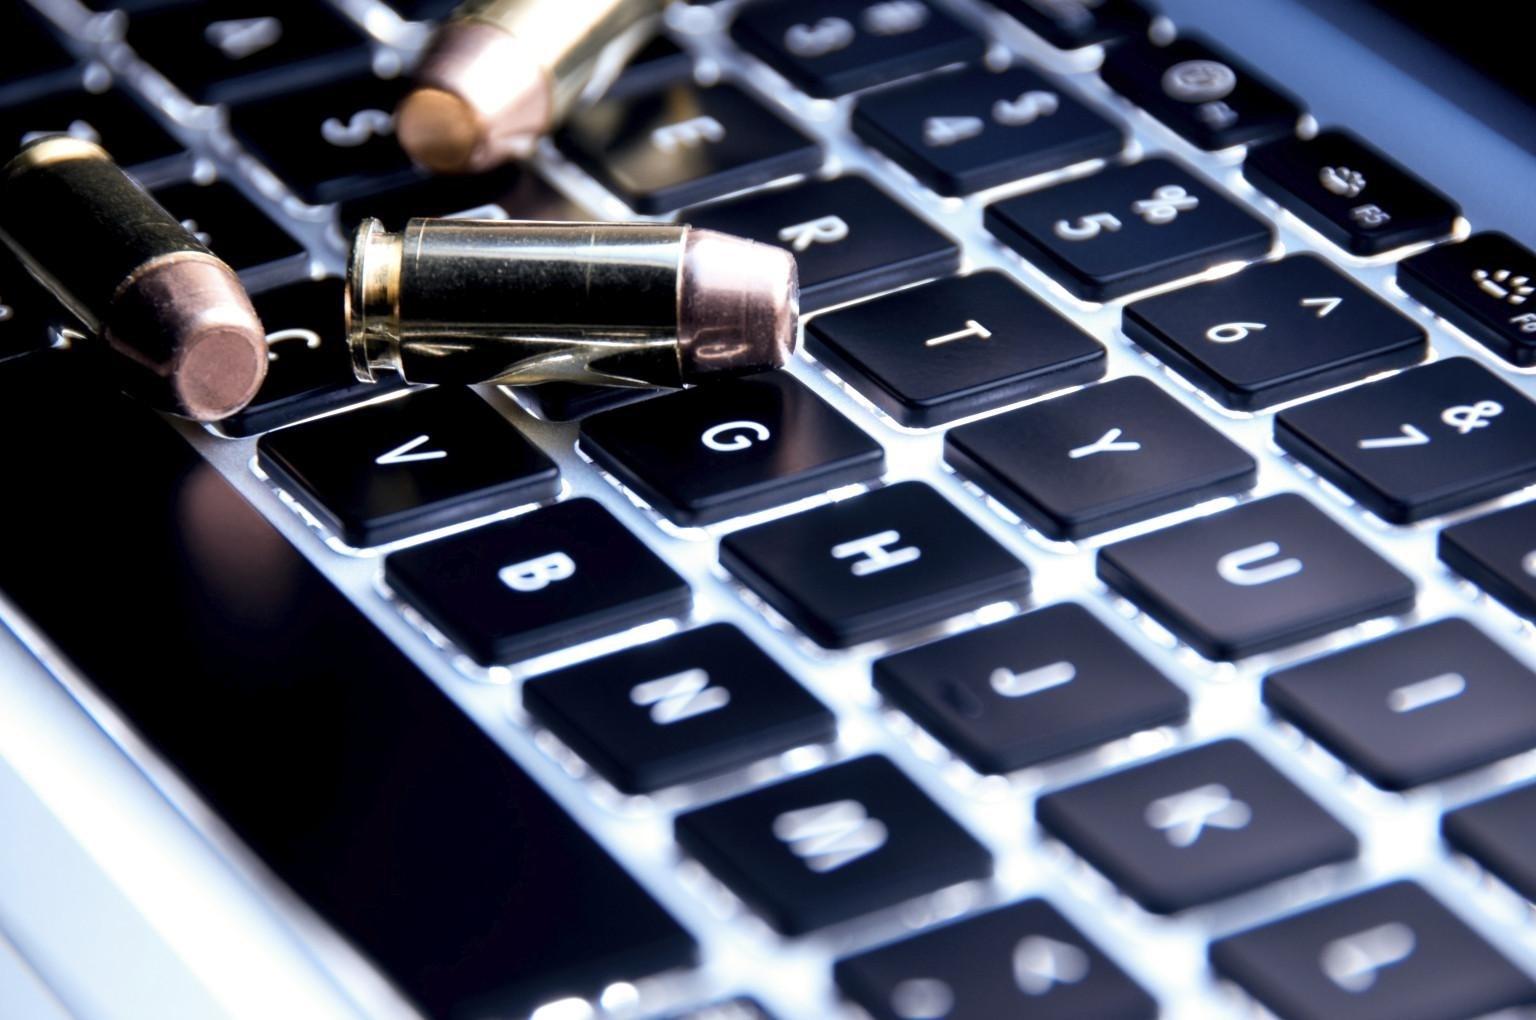 الحرب السيبرانية أو الحرب الافتراضية هي حرب إلكترونية بحتة، وهي أبرز معالم الصراعات السياسية والتجارية بين الدول